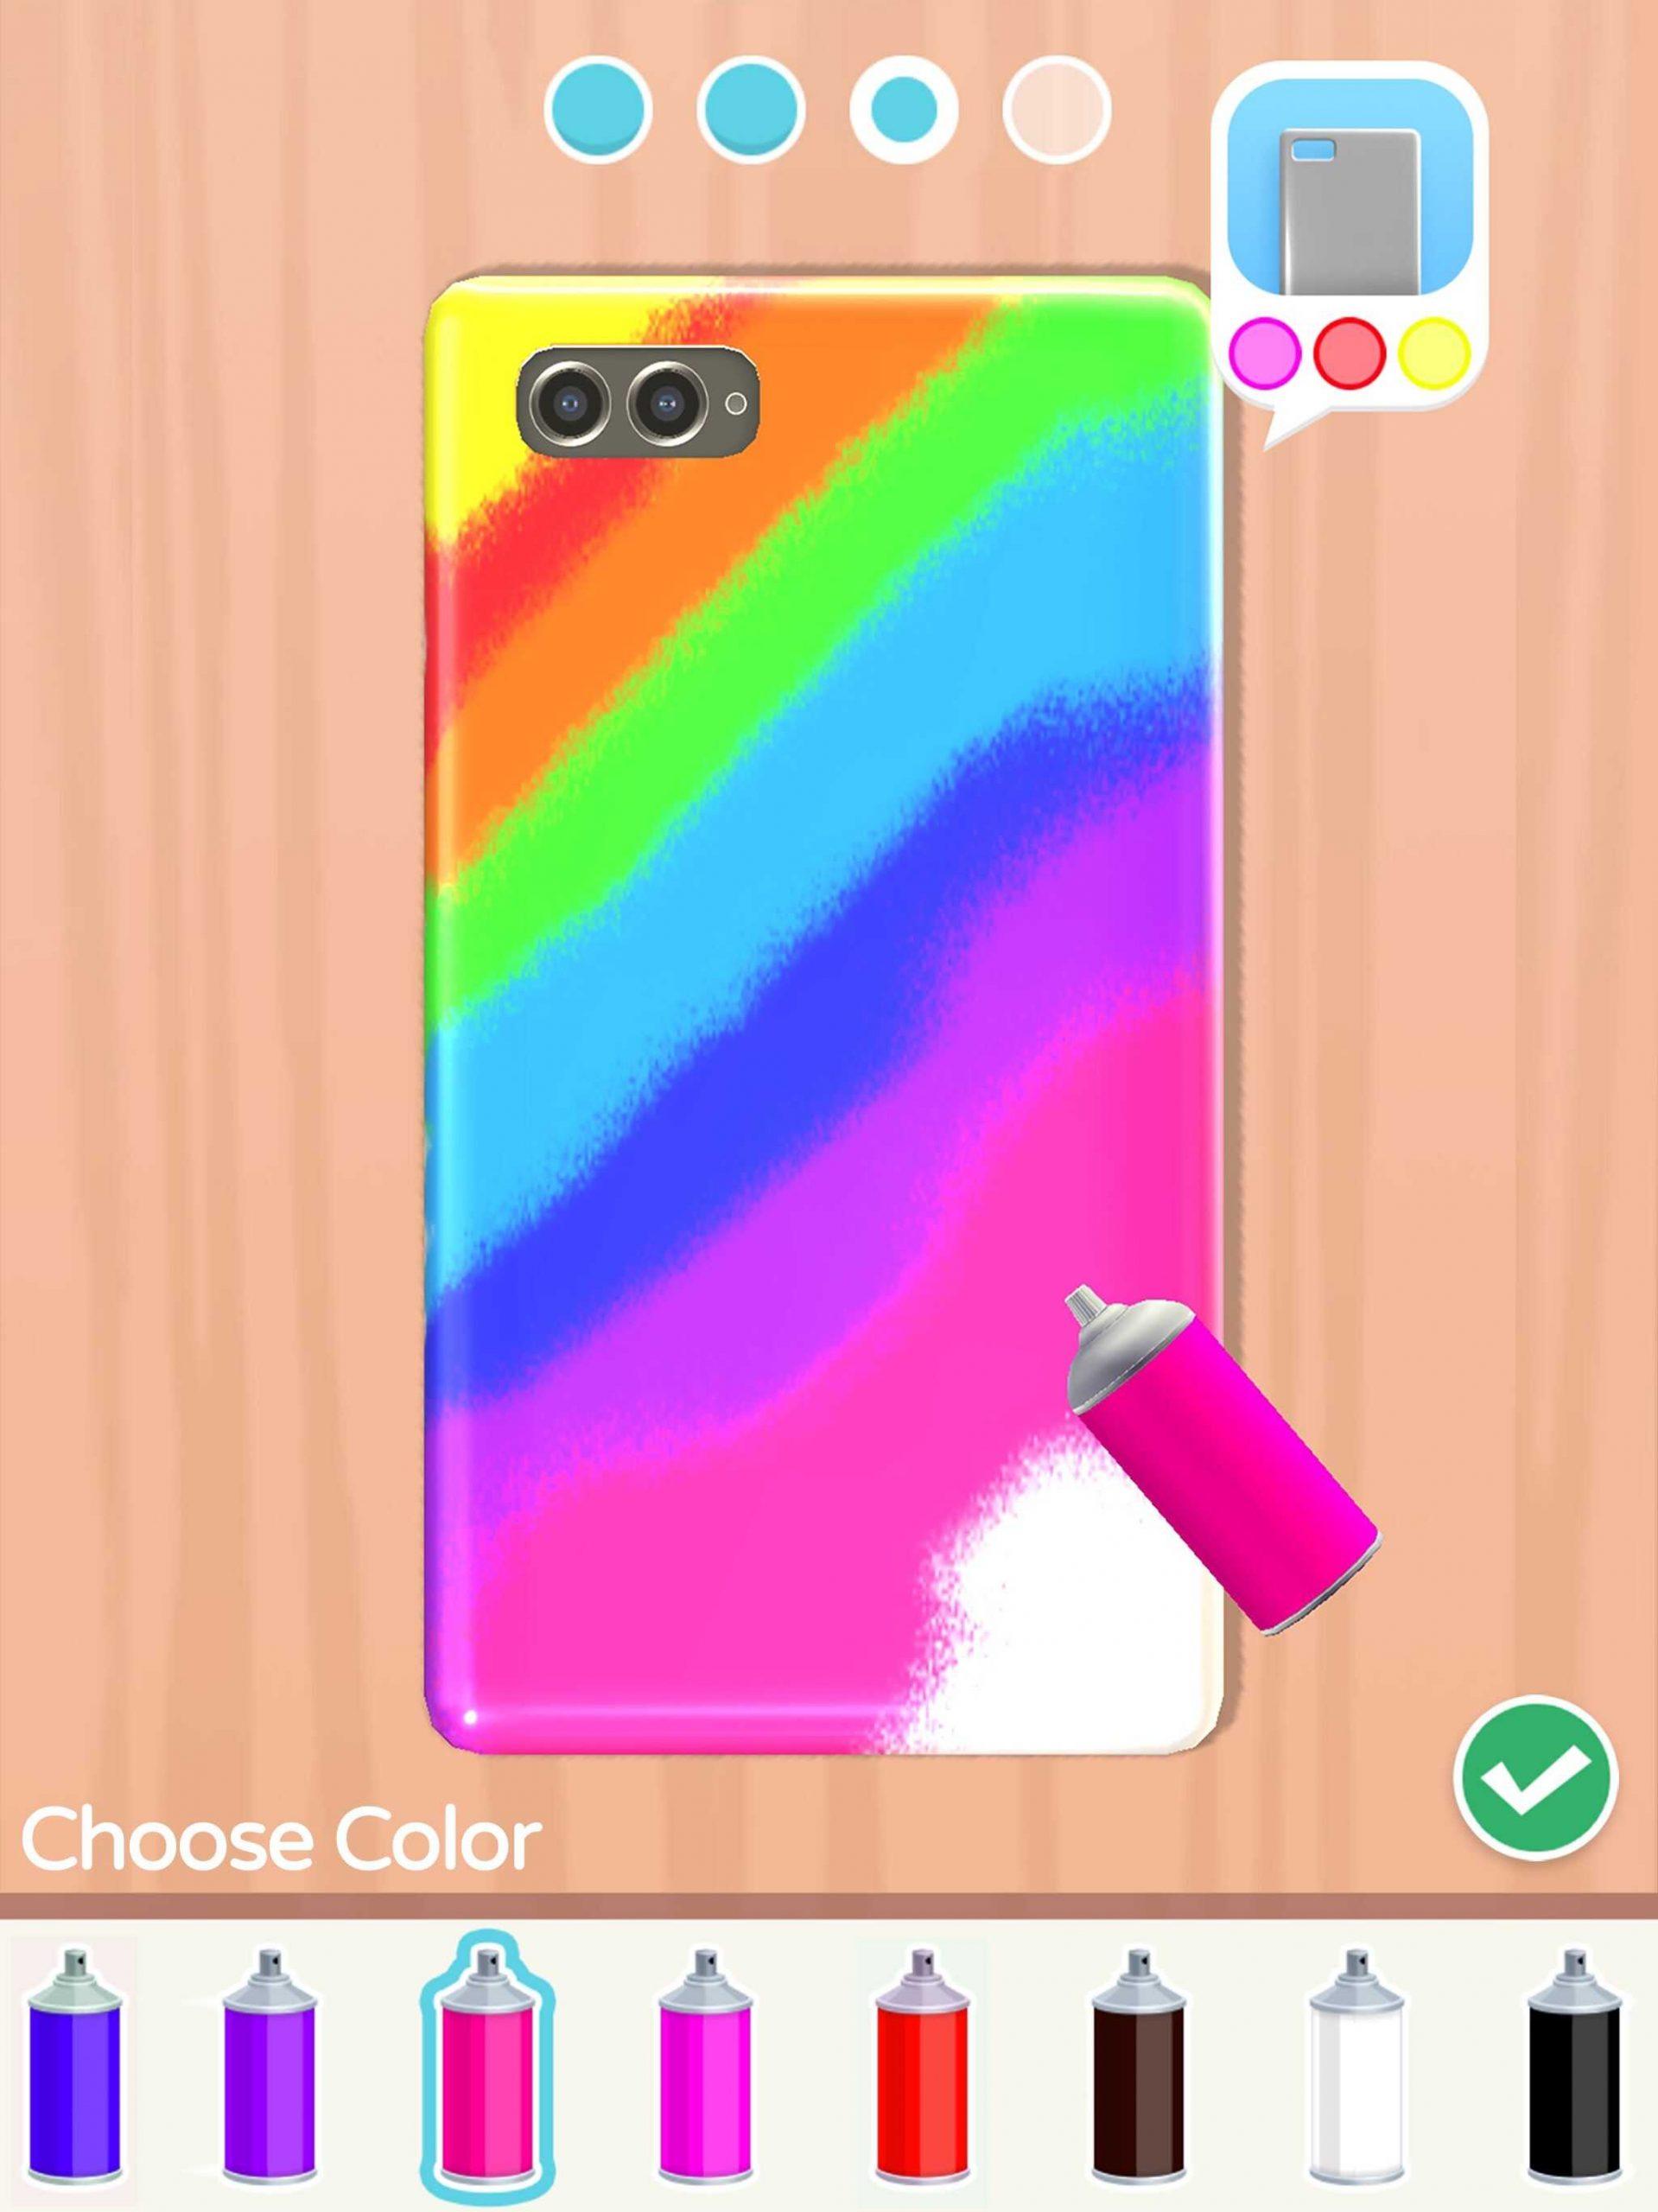 Phone Case DIYってどんなゲーム?ハイパーカジュアルゲームレビュー!